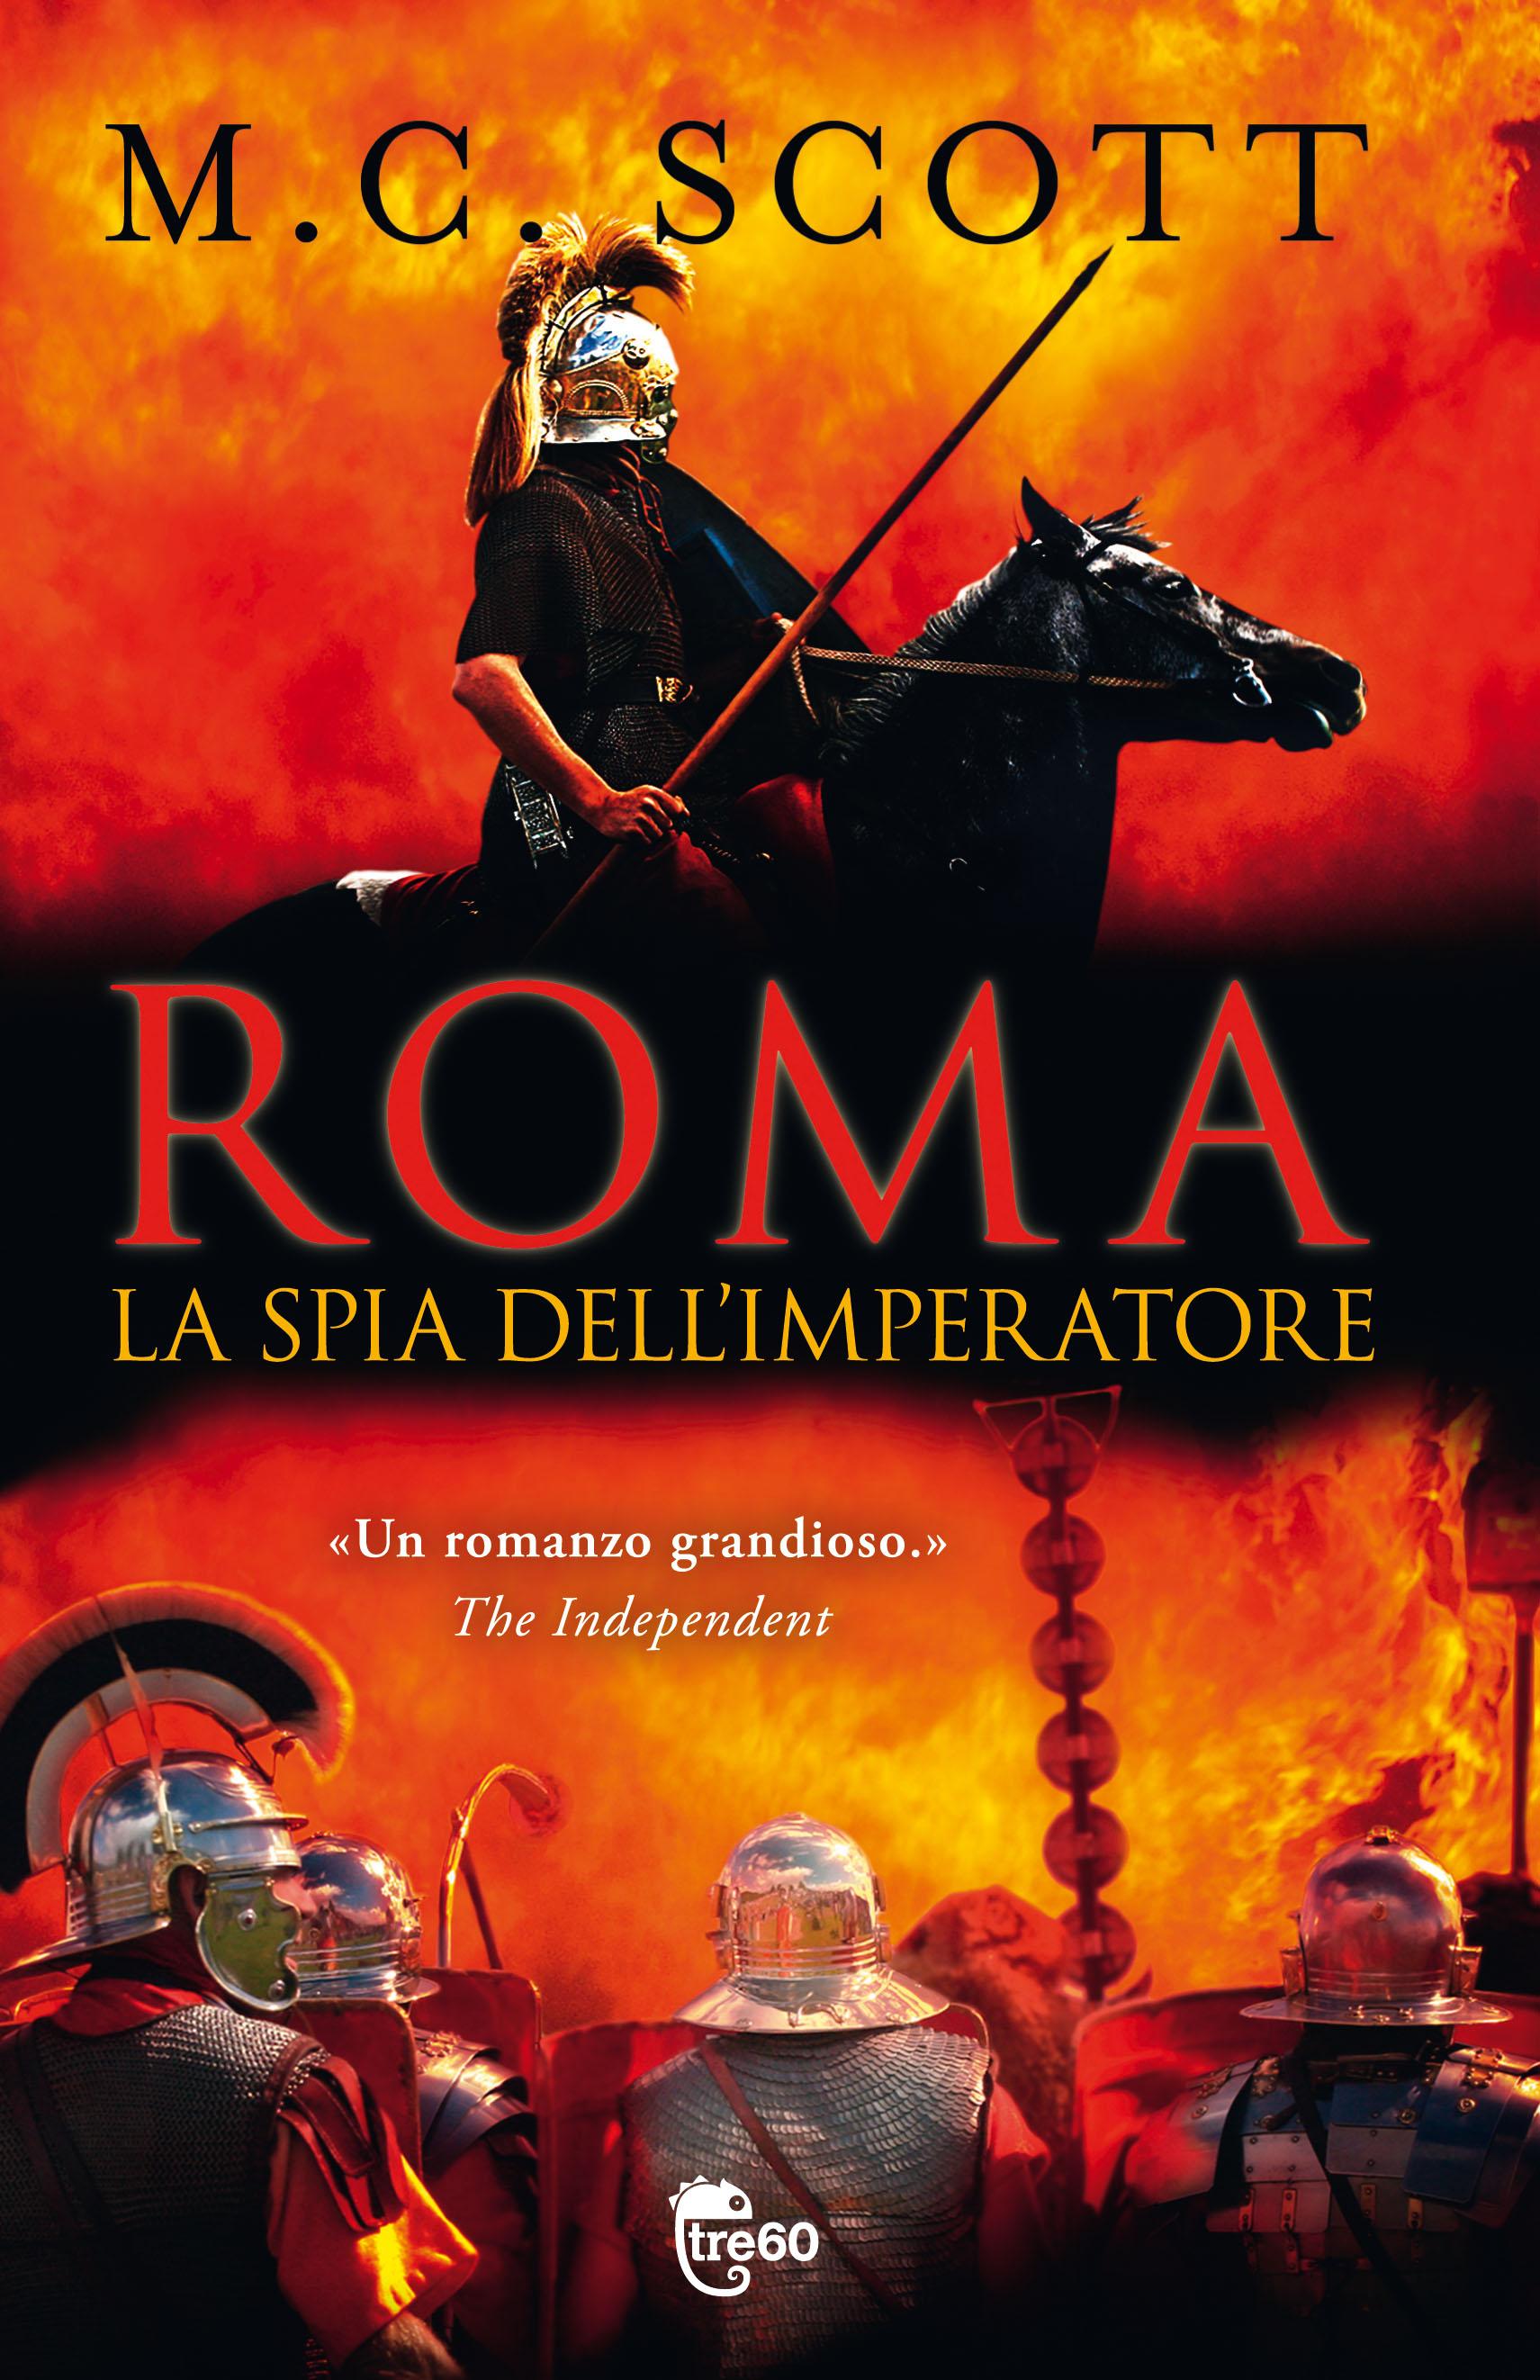 roma la spia dell'imperatore